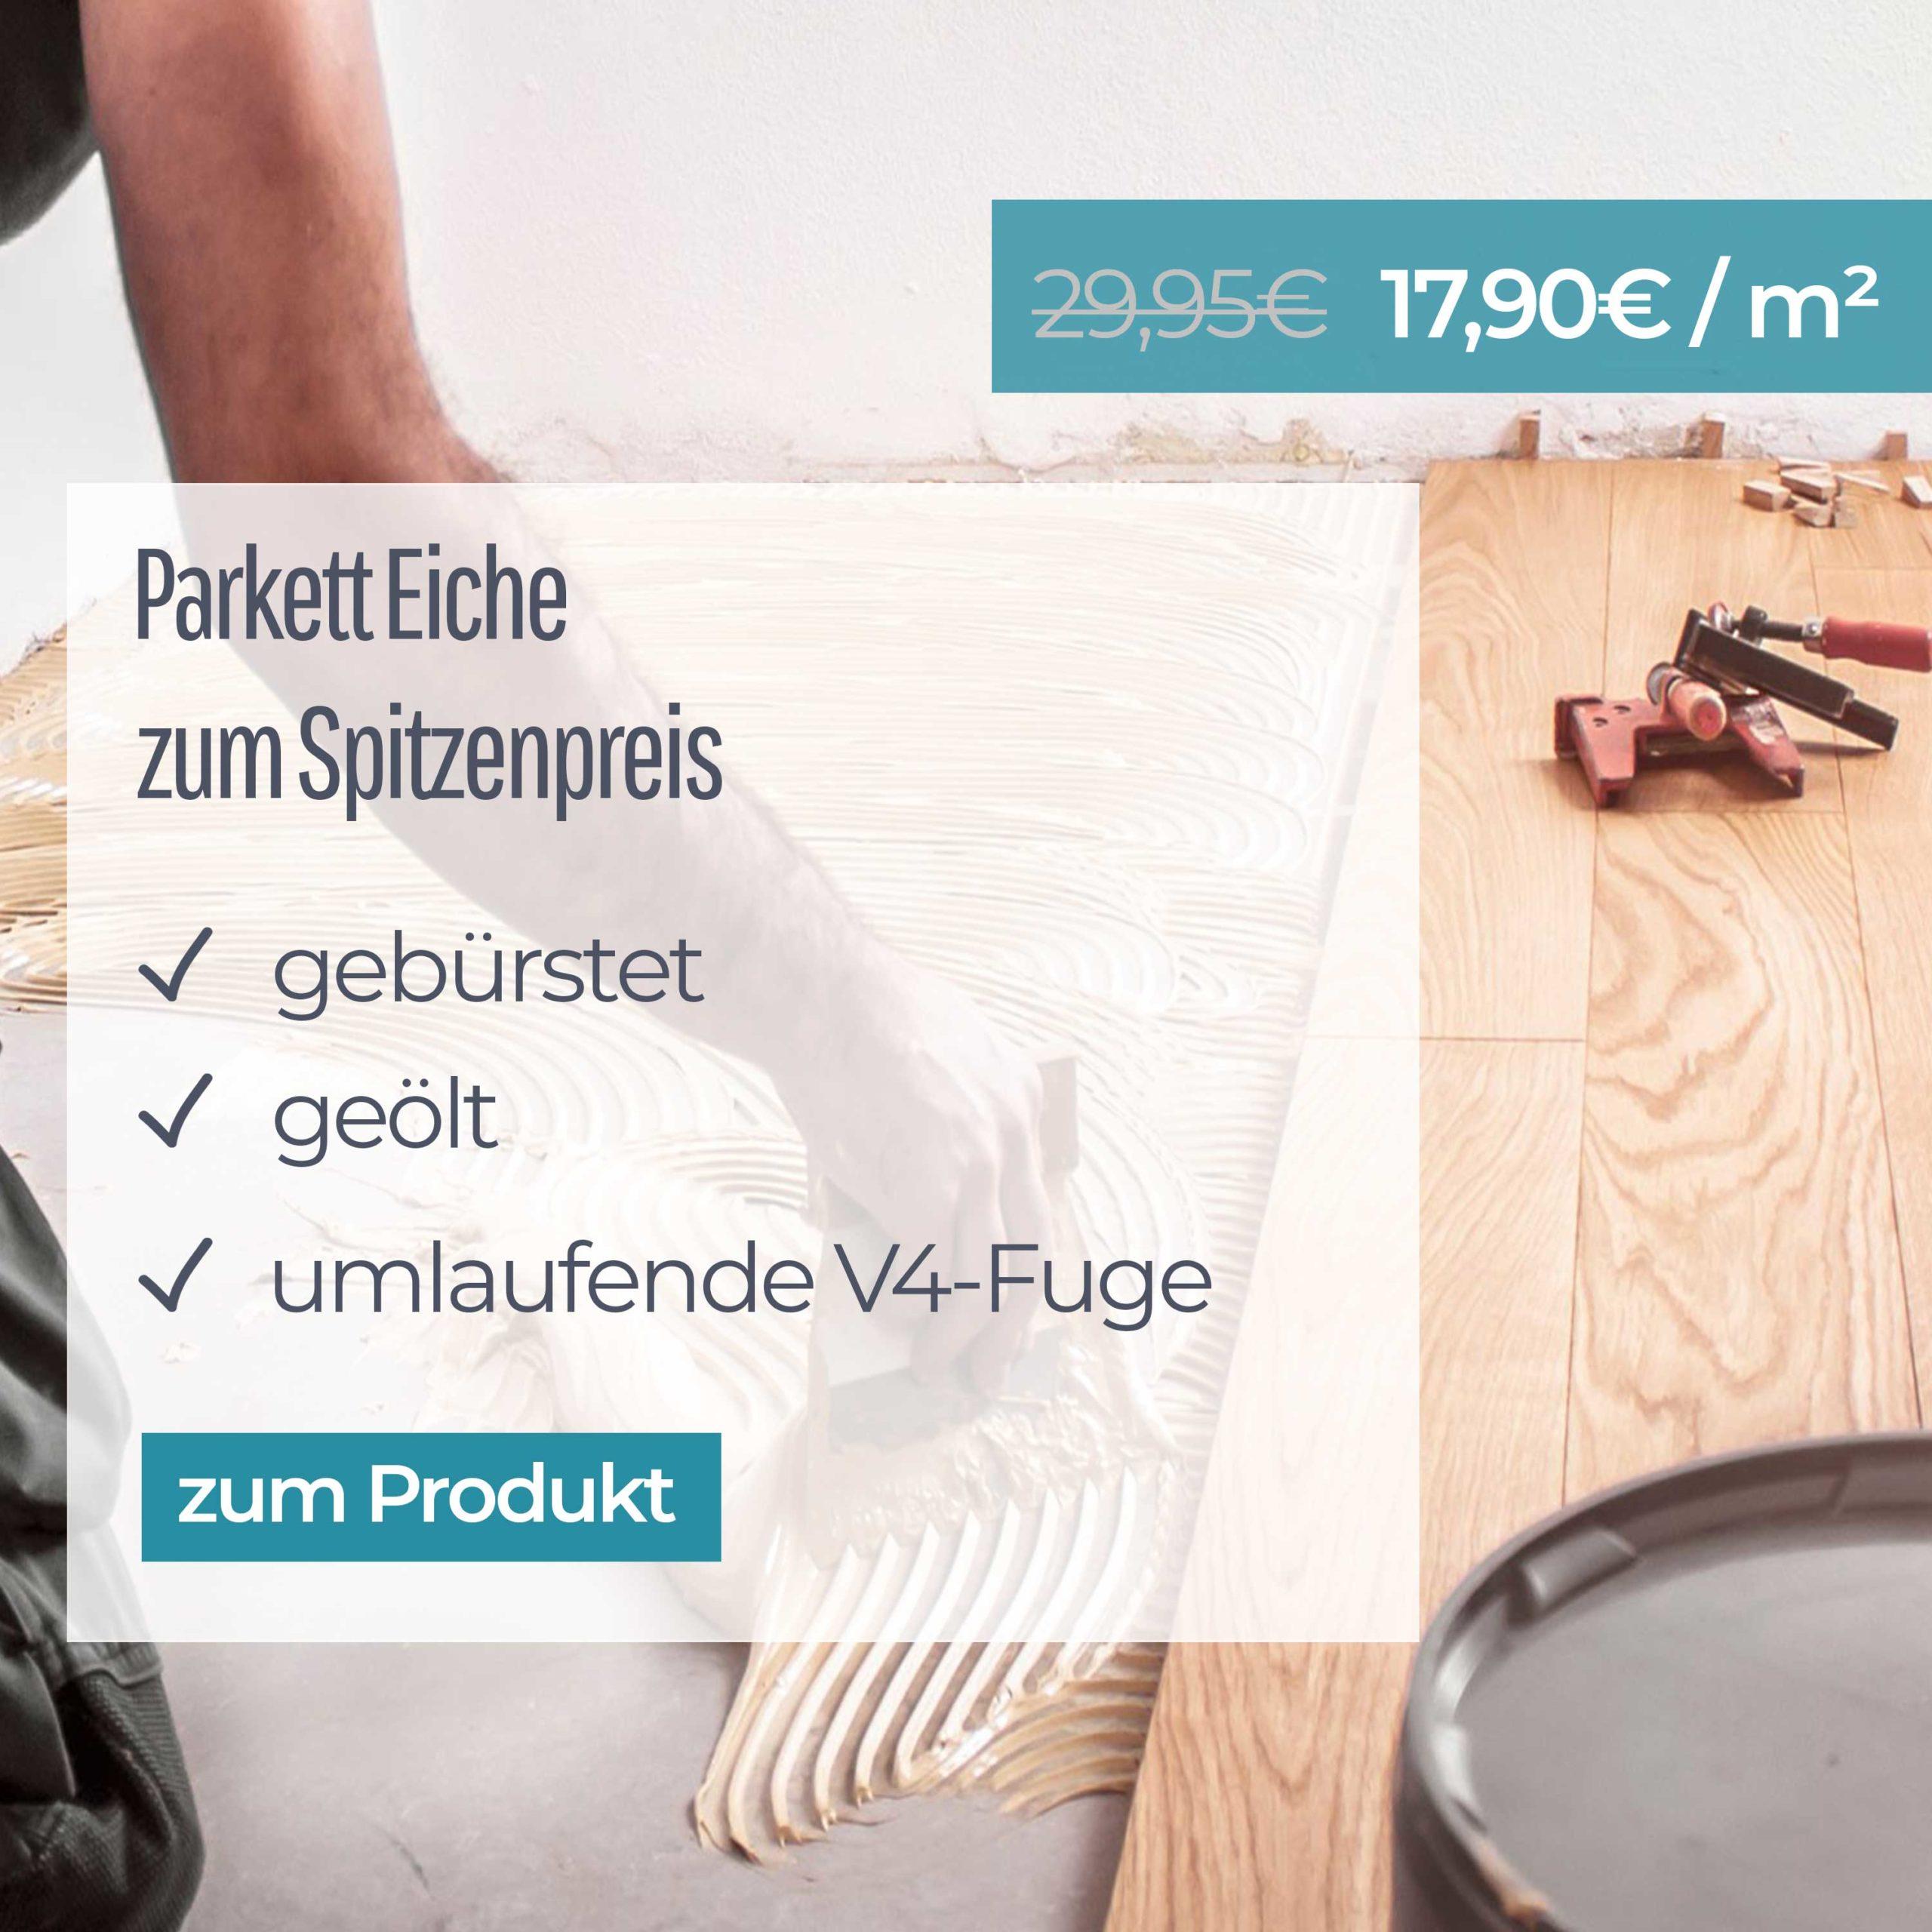 Parkett Eiche Premium [Lokal Berlin&BB] (2-Schicht Fertigparkett) gebürstet und geölt